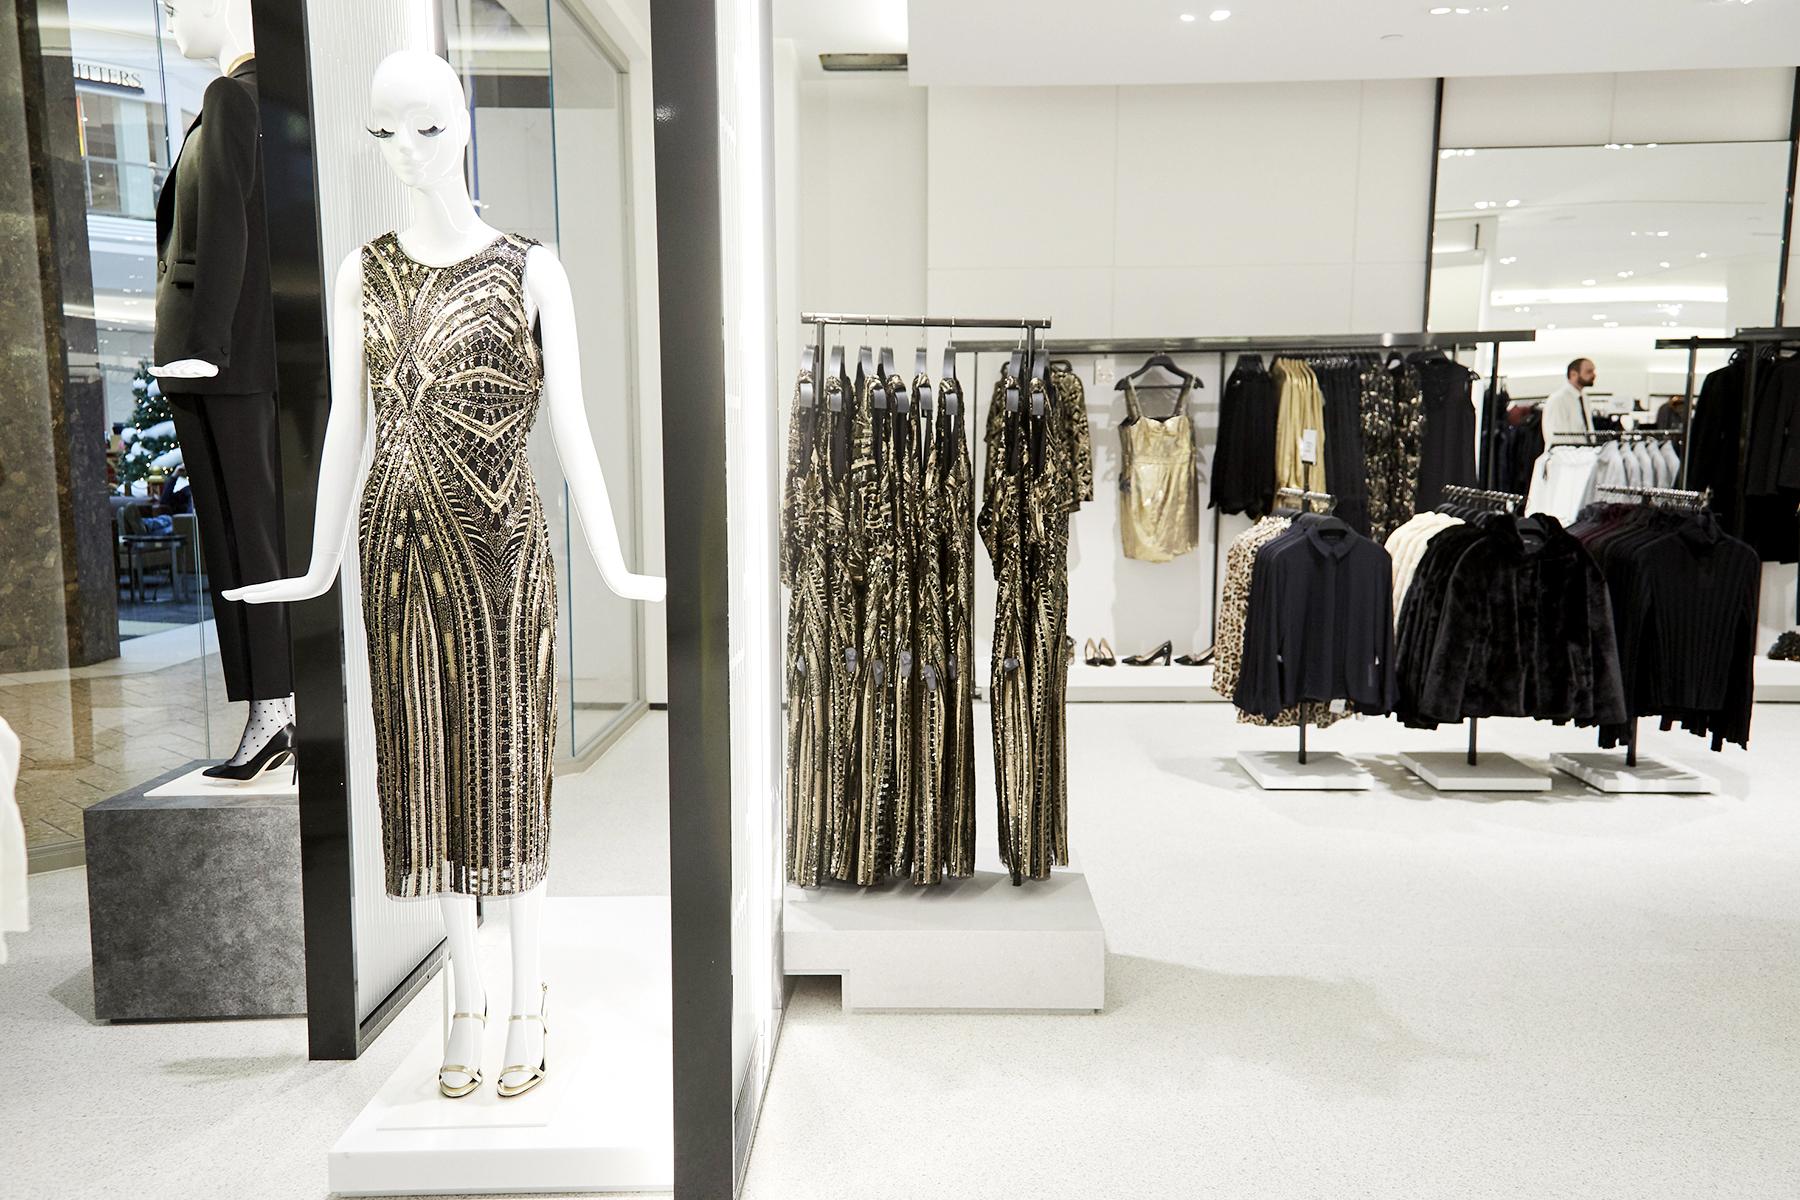 هواية شيطان اللعب خنزيرة Zara Dubai Mall Online Shopping Consultoriaorigenydestino Com